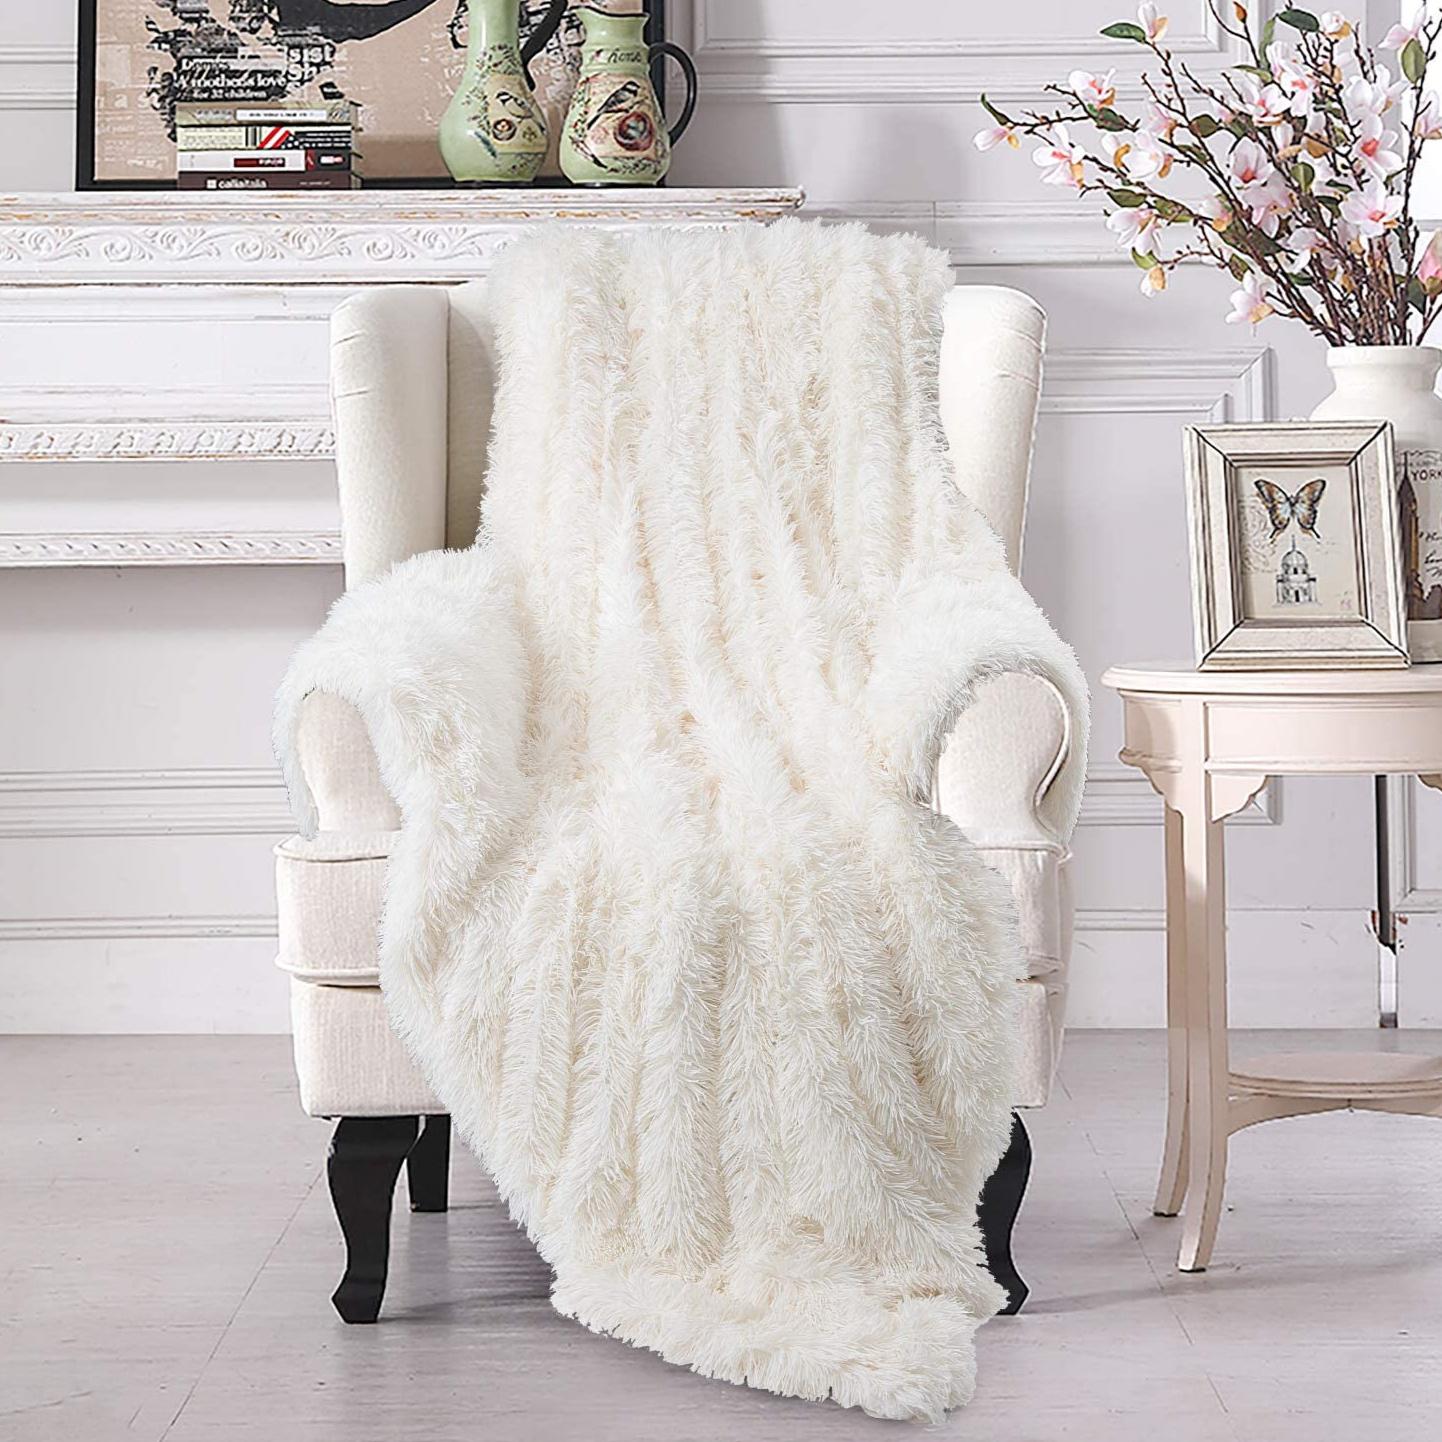 شال تخت مدل AS سایز 180 × 180 سانتی متر